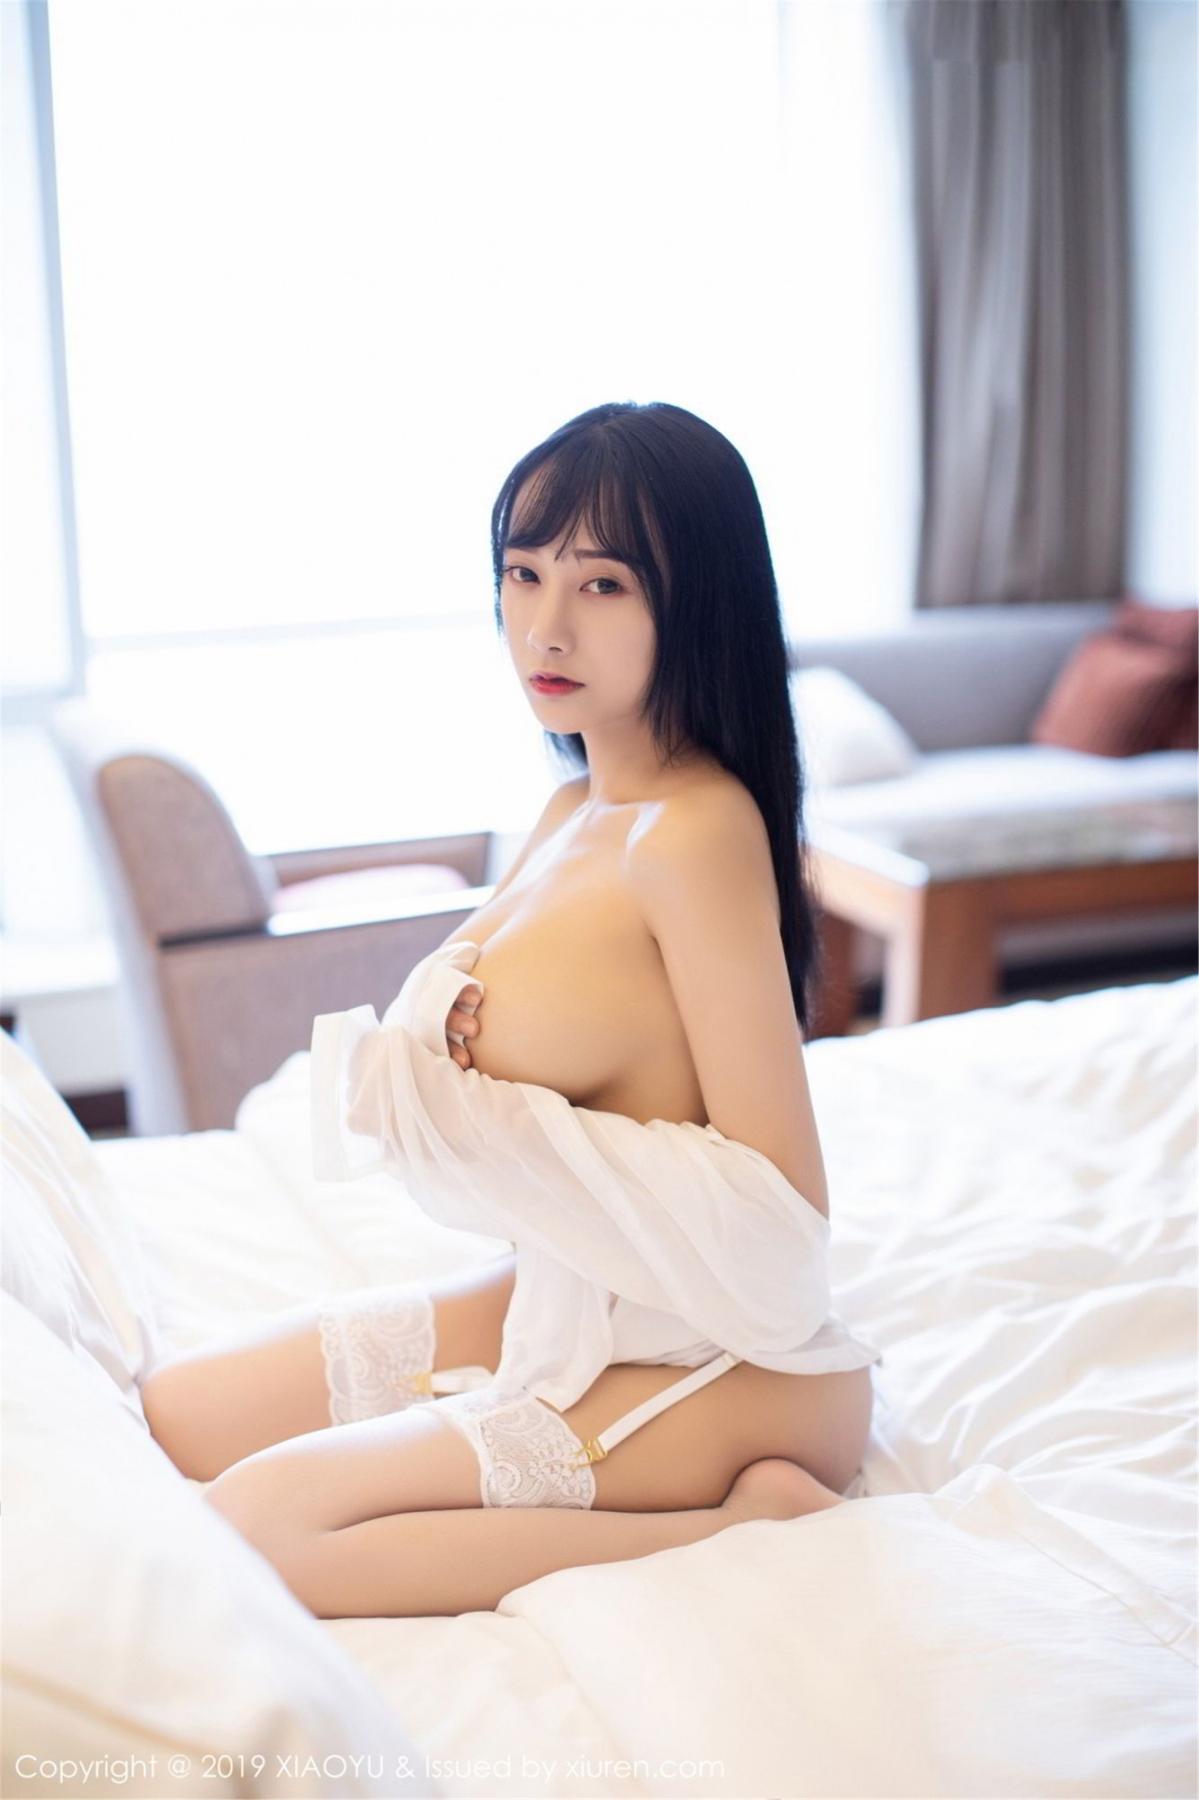 [XiaoYu] Vol.076 He Jia Ying 66P, He Jia Ying, Underwear, XiaoYu